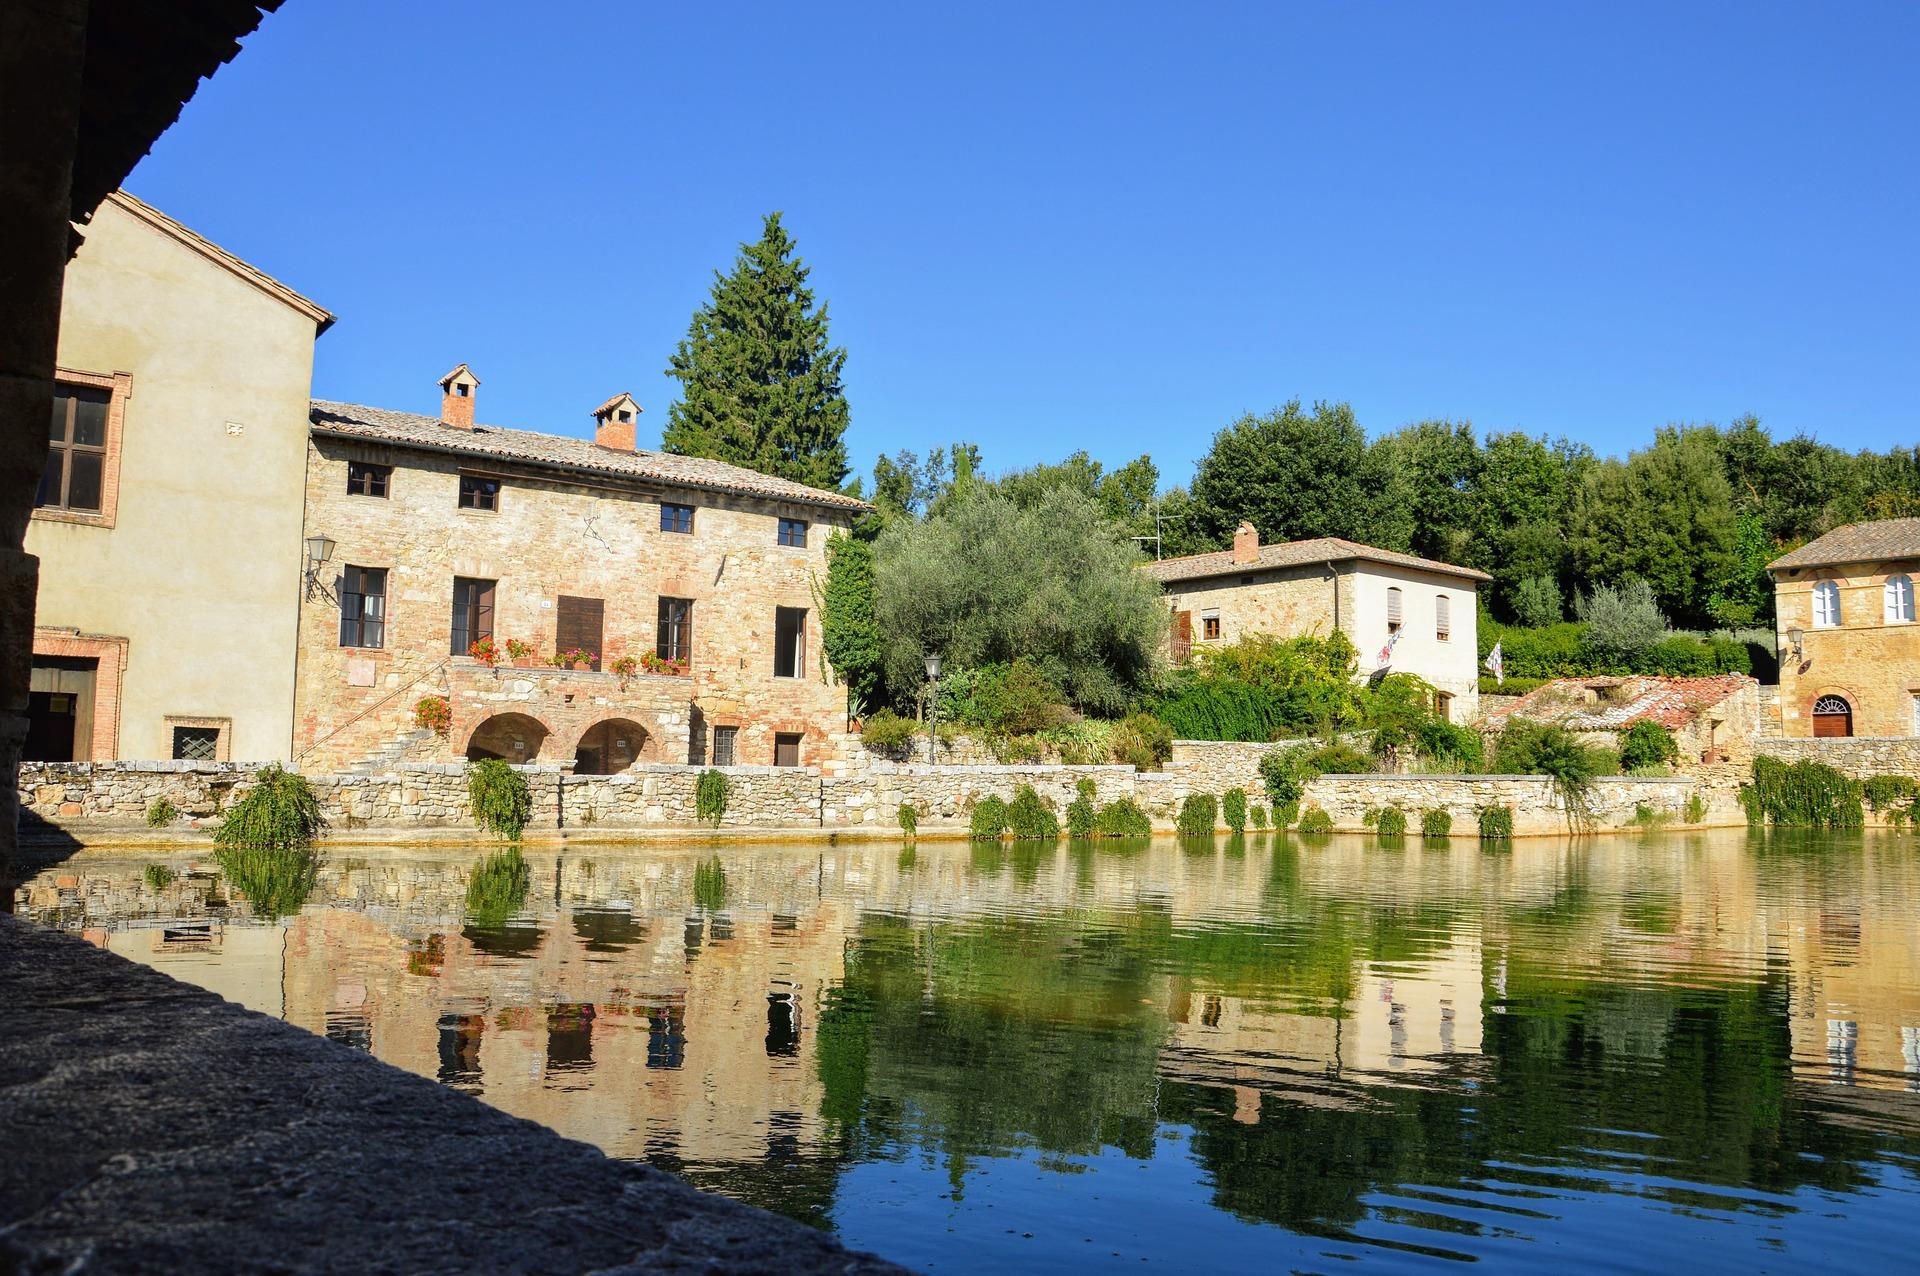 Bagno Vignoni Toscana